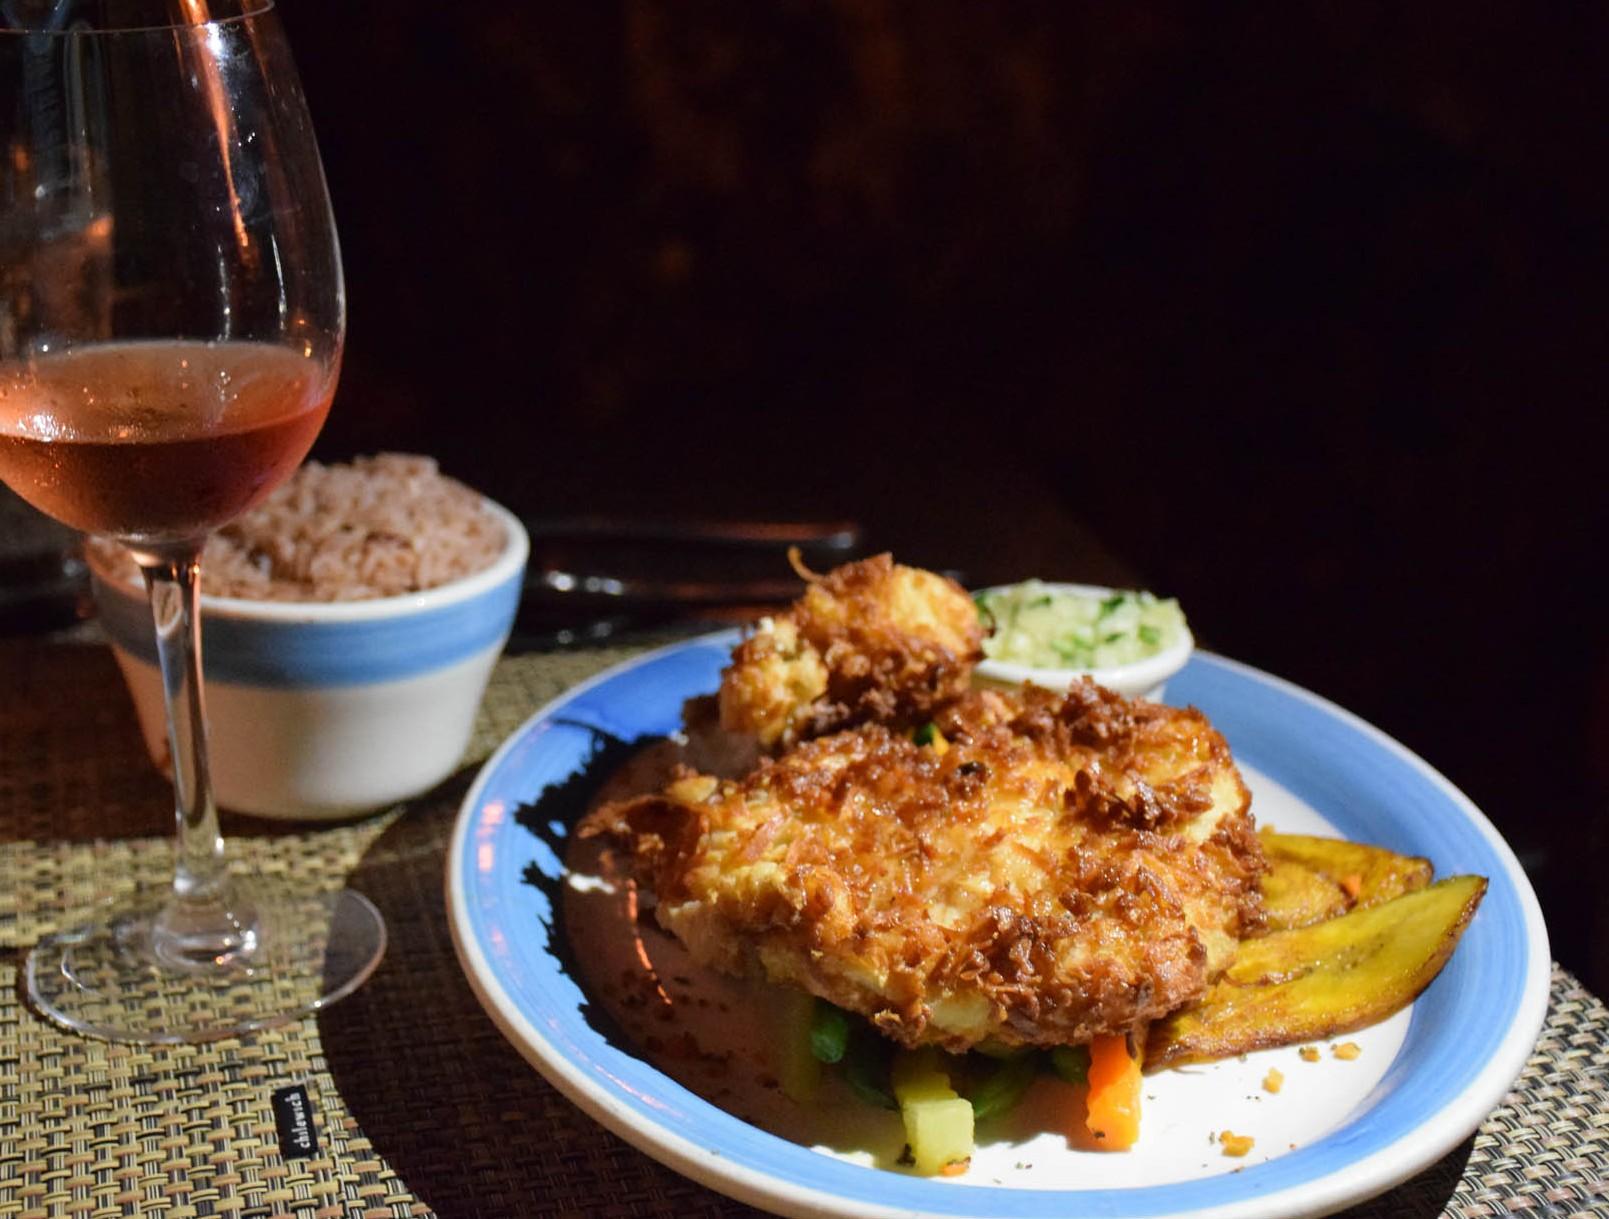 Meu prato: frango com coco, relish de abacaxi, arroz e feijão.